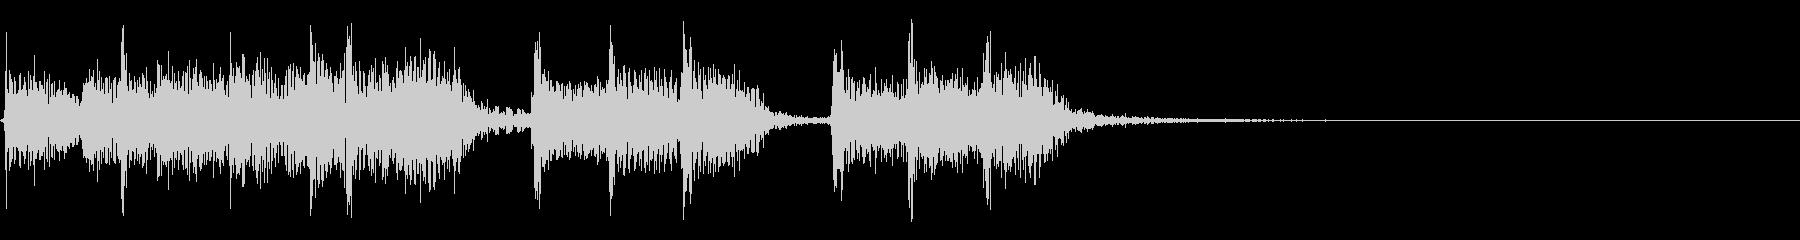 インパクトあるロックなジングル16の未再生の波形